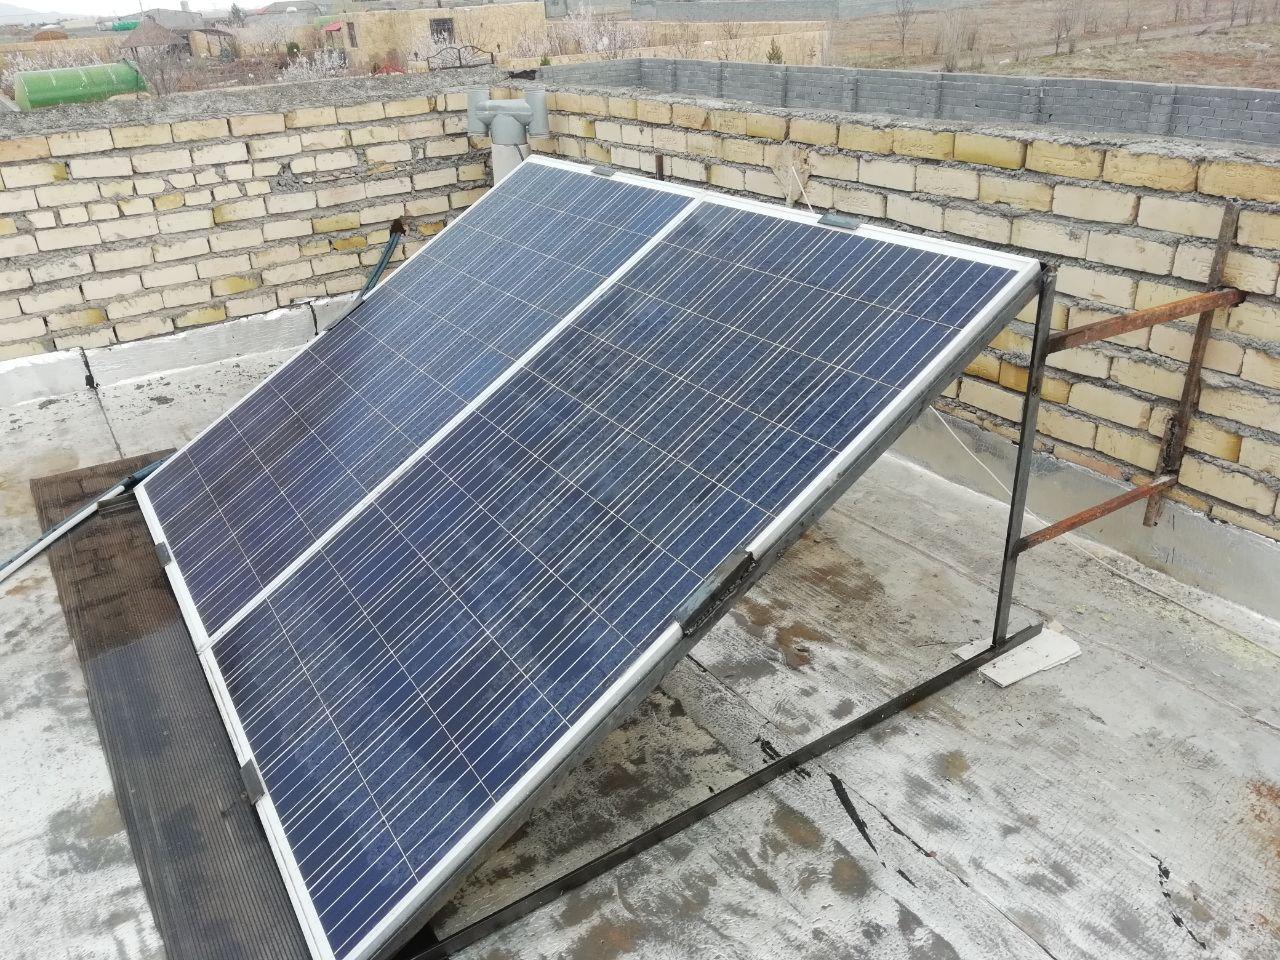 کم کردن مصرف با سیستم برق خورشیدی UPS طلا فروشی